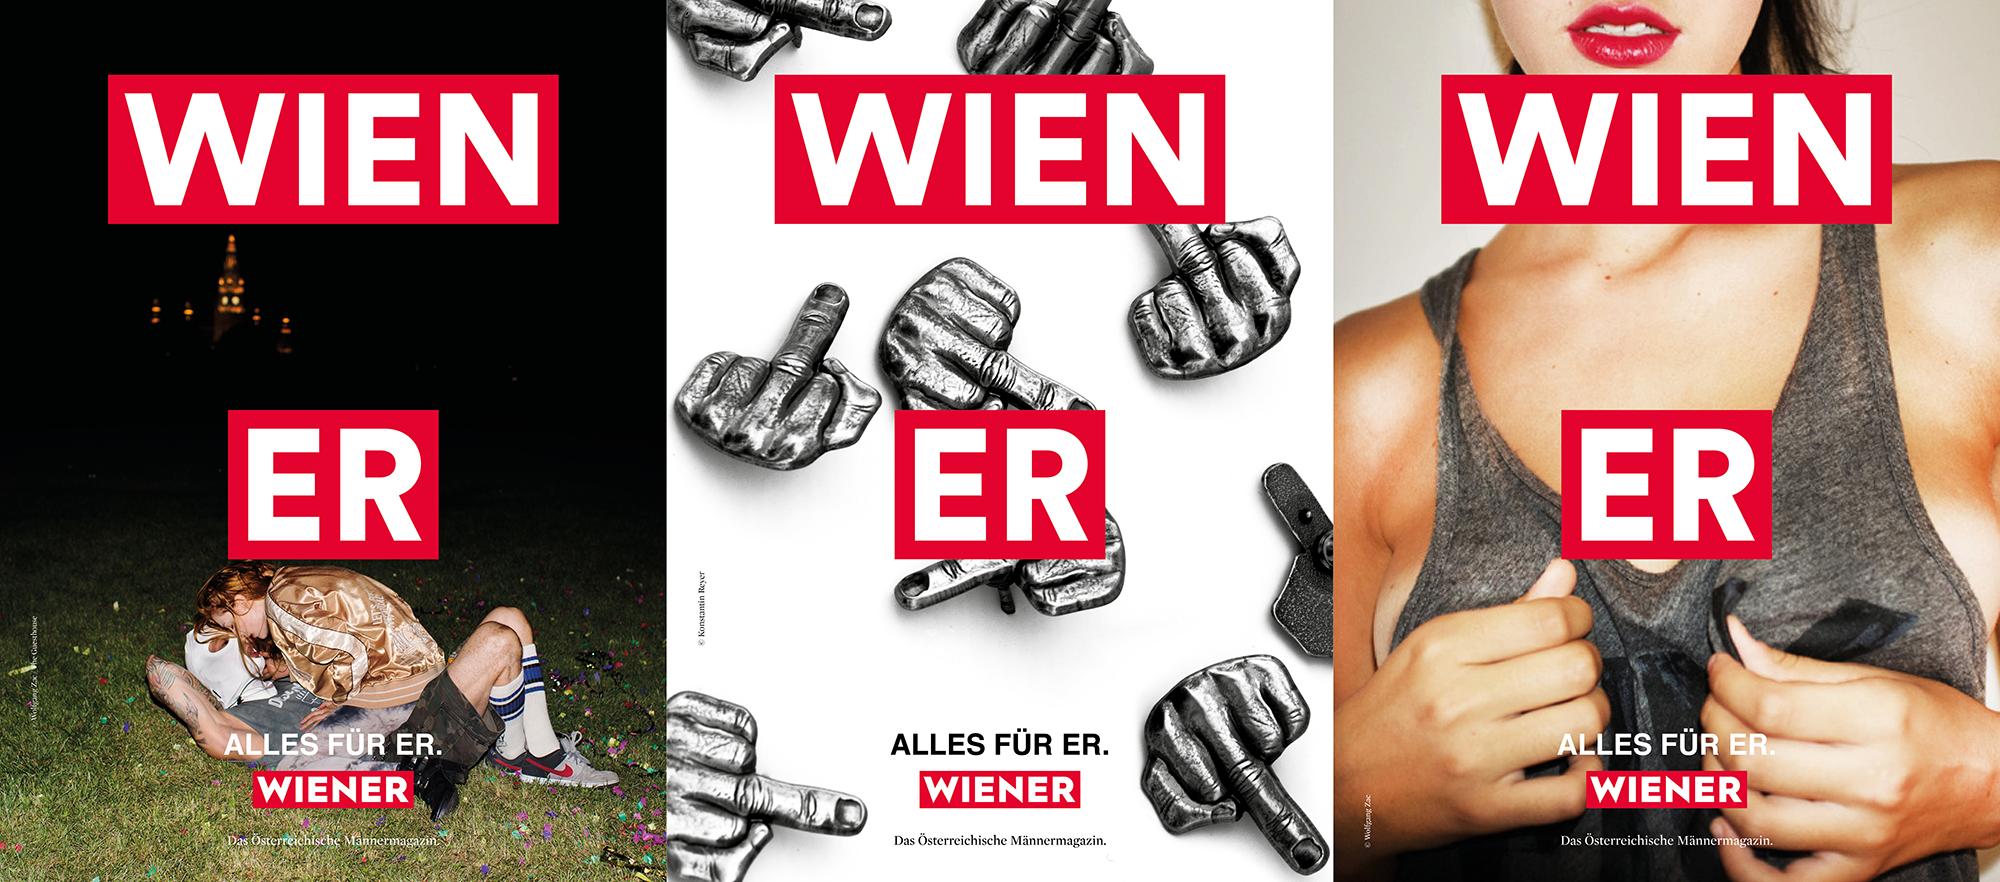 WIENER_AllesfuerER_Print-3